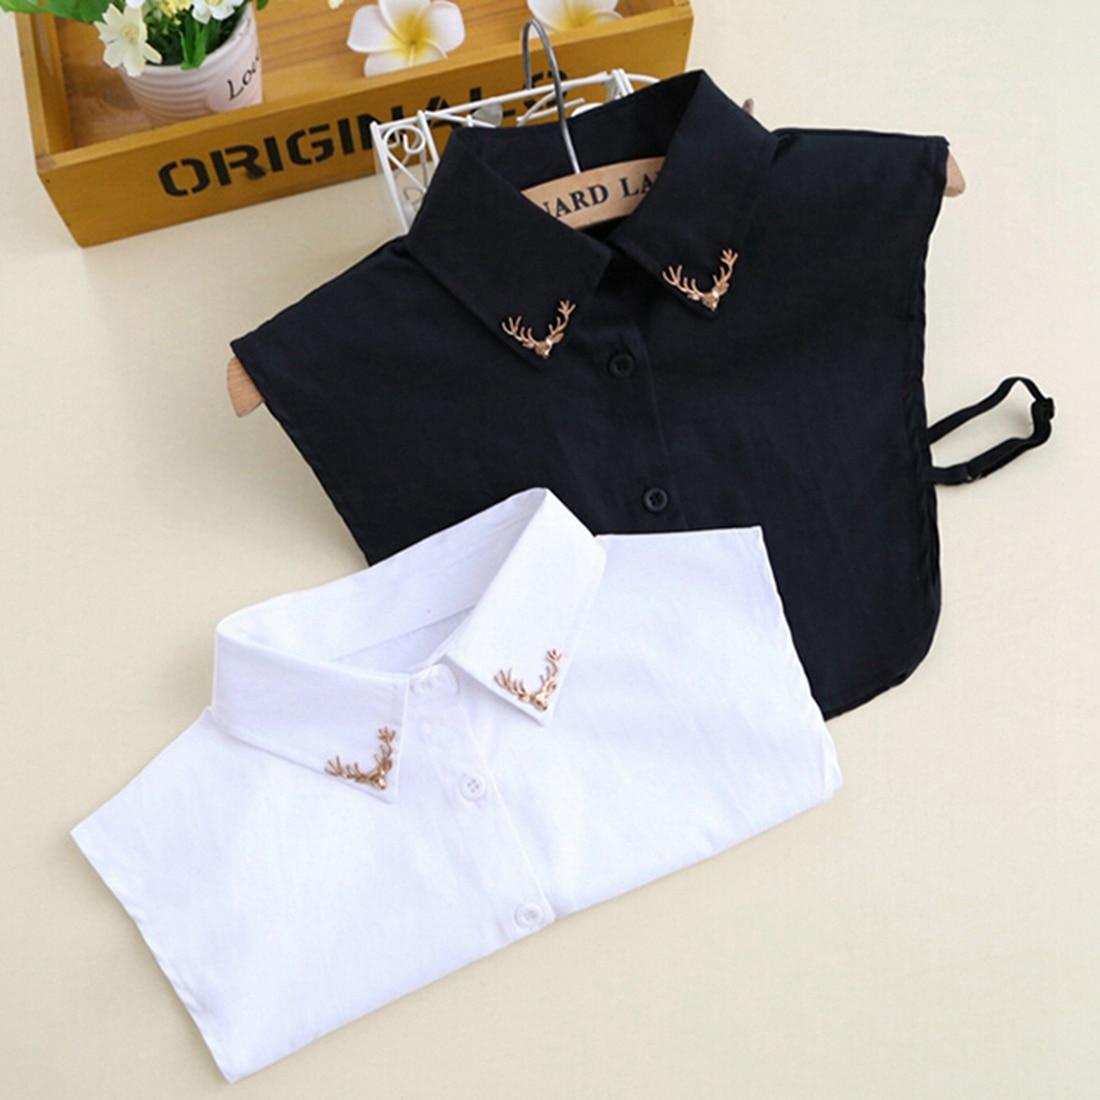 Free Shipping Women Fashion Fake Collar Shirt Metal Fawn Pattern Apparel Blouse False Collar White Black